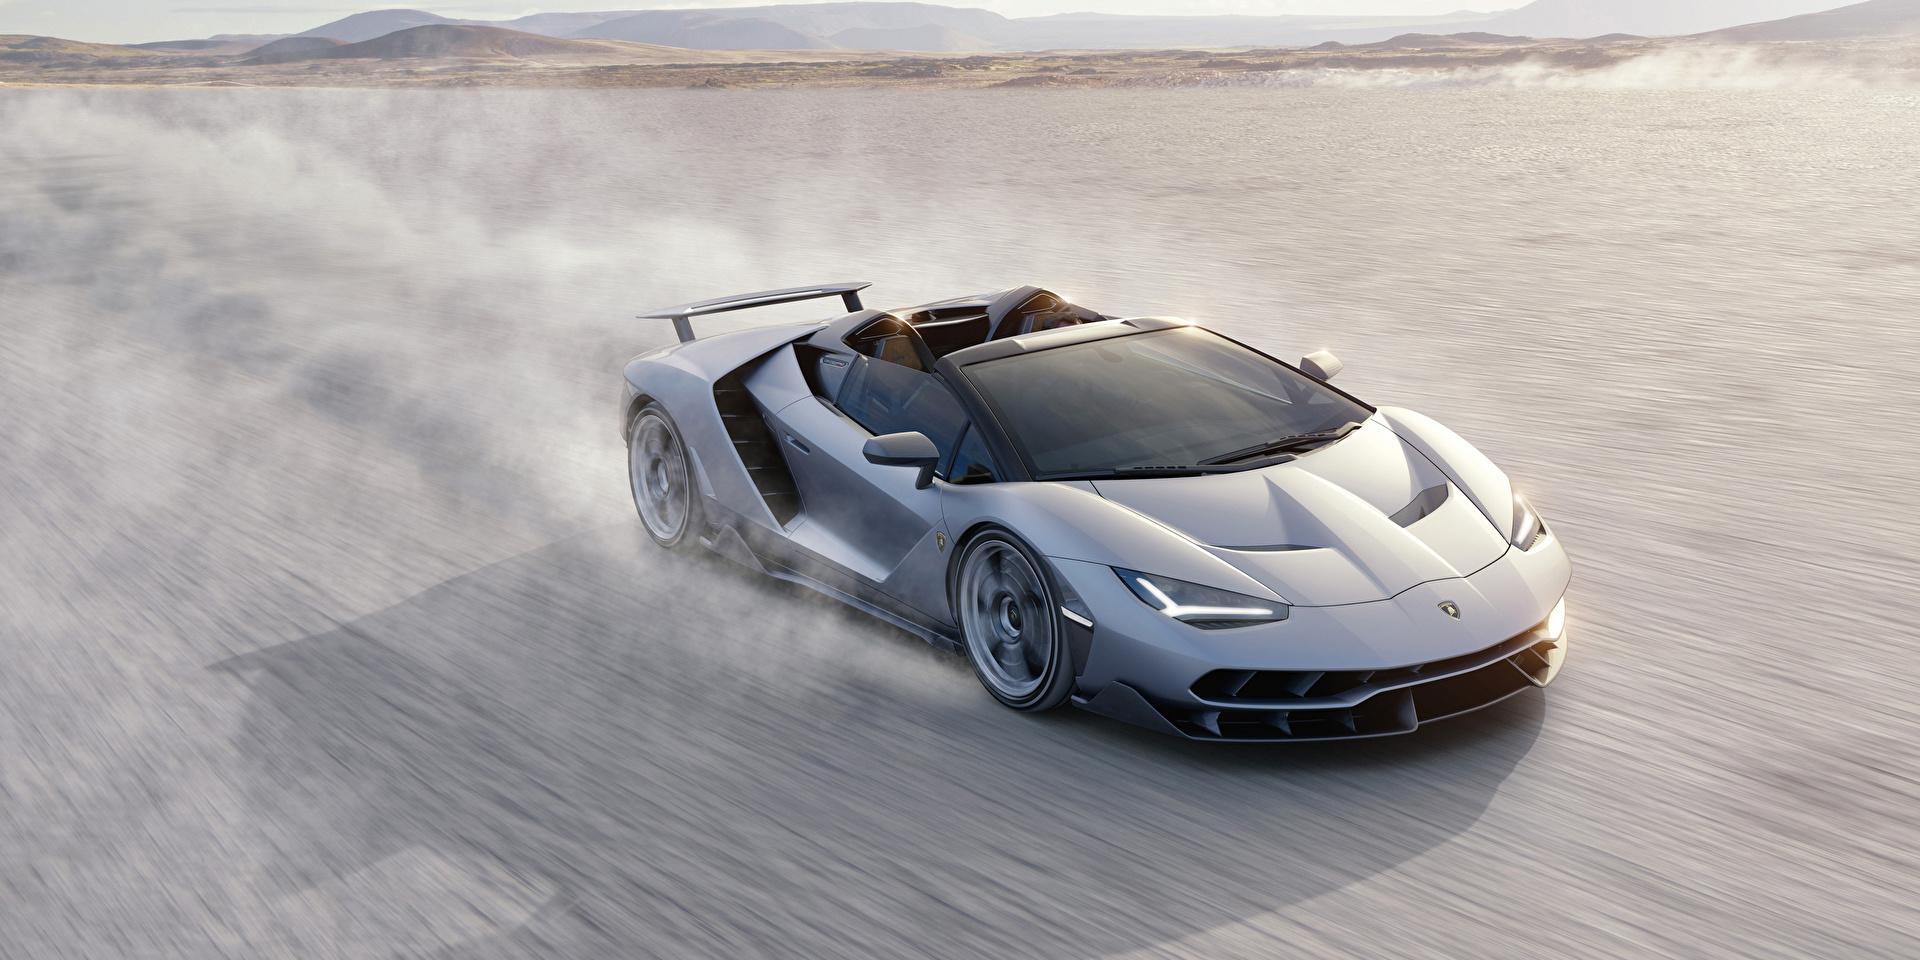 Картинки Lamborghini 2016 Centenario Roadster Родстер Роскошные Серебристый скорость машина 2560x1280 Ламборгини дорогие дорогой дорогая люксовые роскошная роскошный серебряный серебряная серебристая едет едущий едущая Движение авто машины автомобиль Автомобили